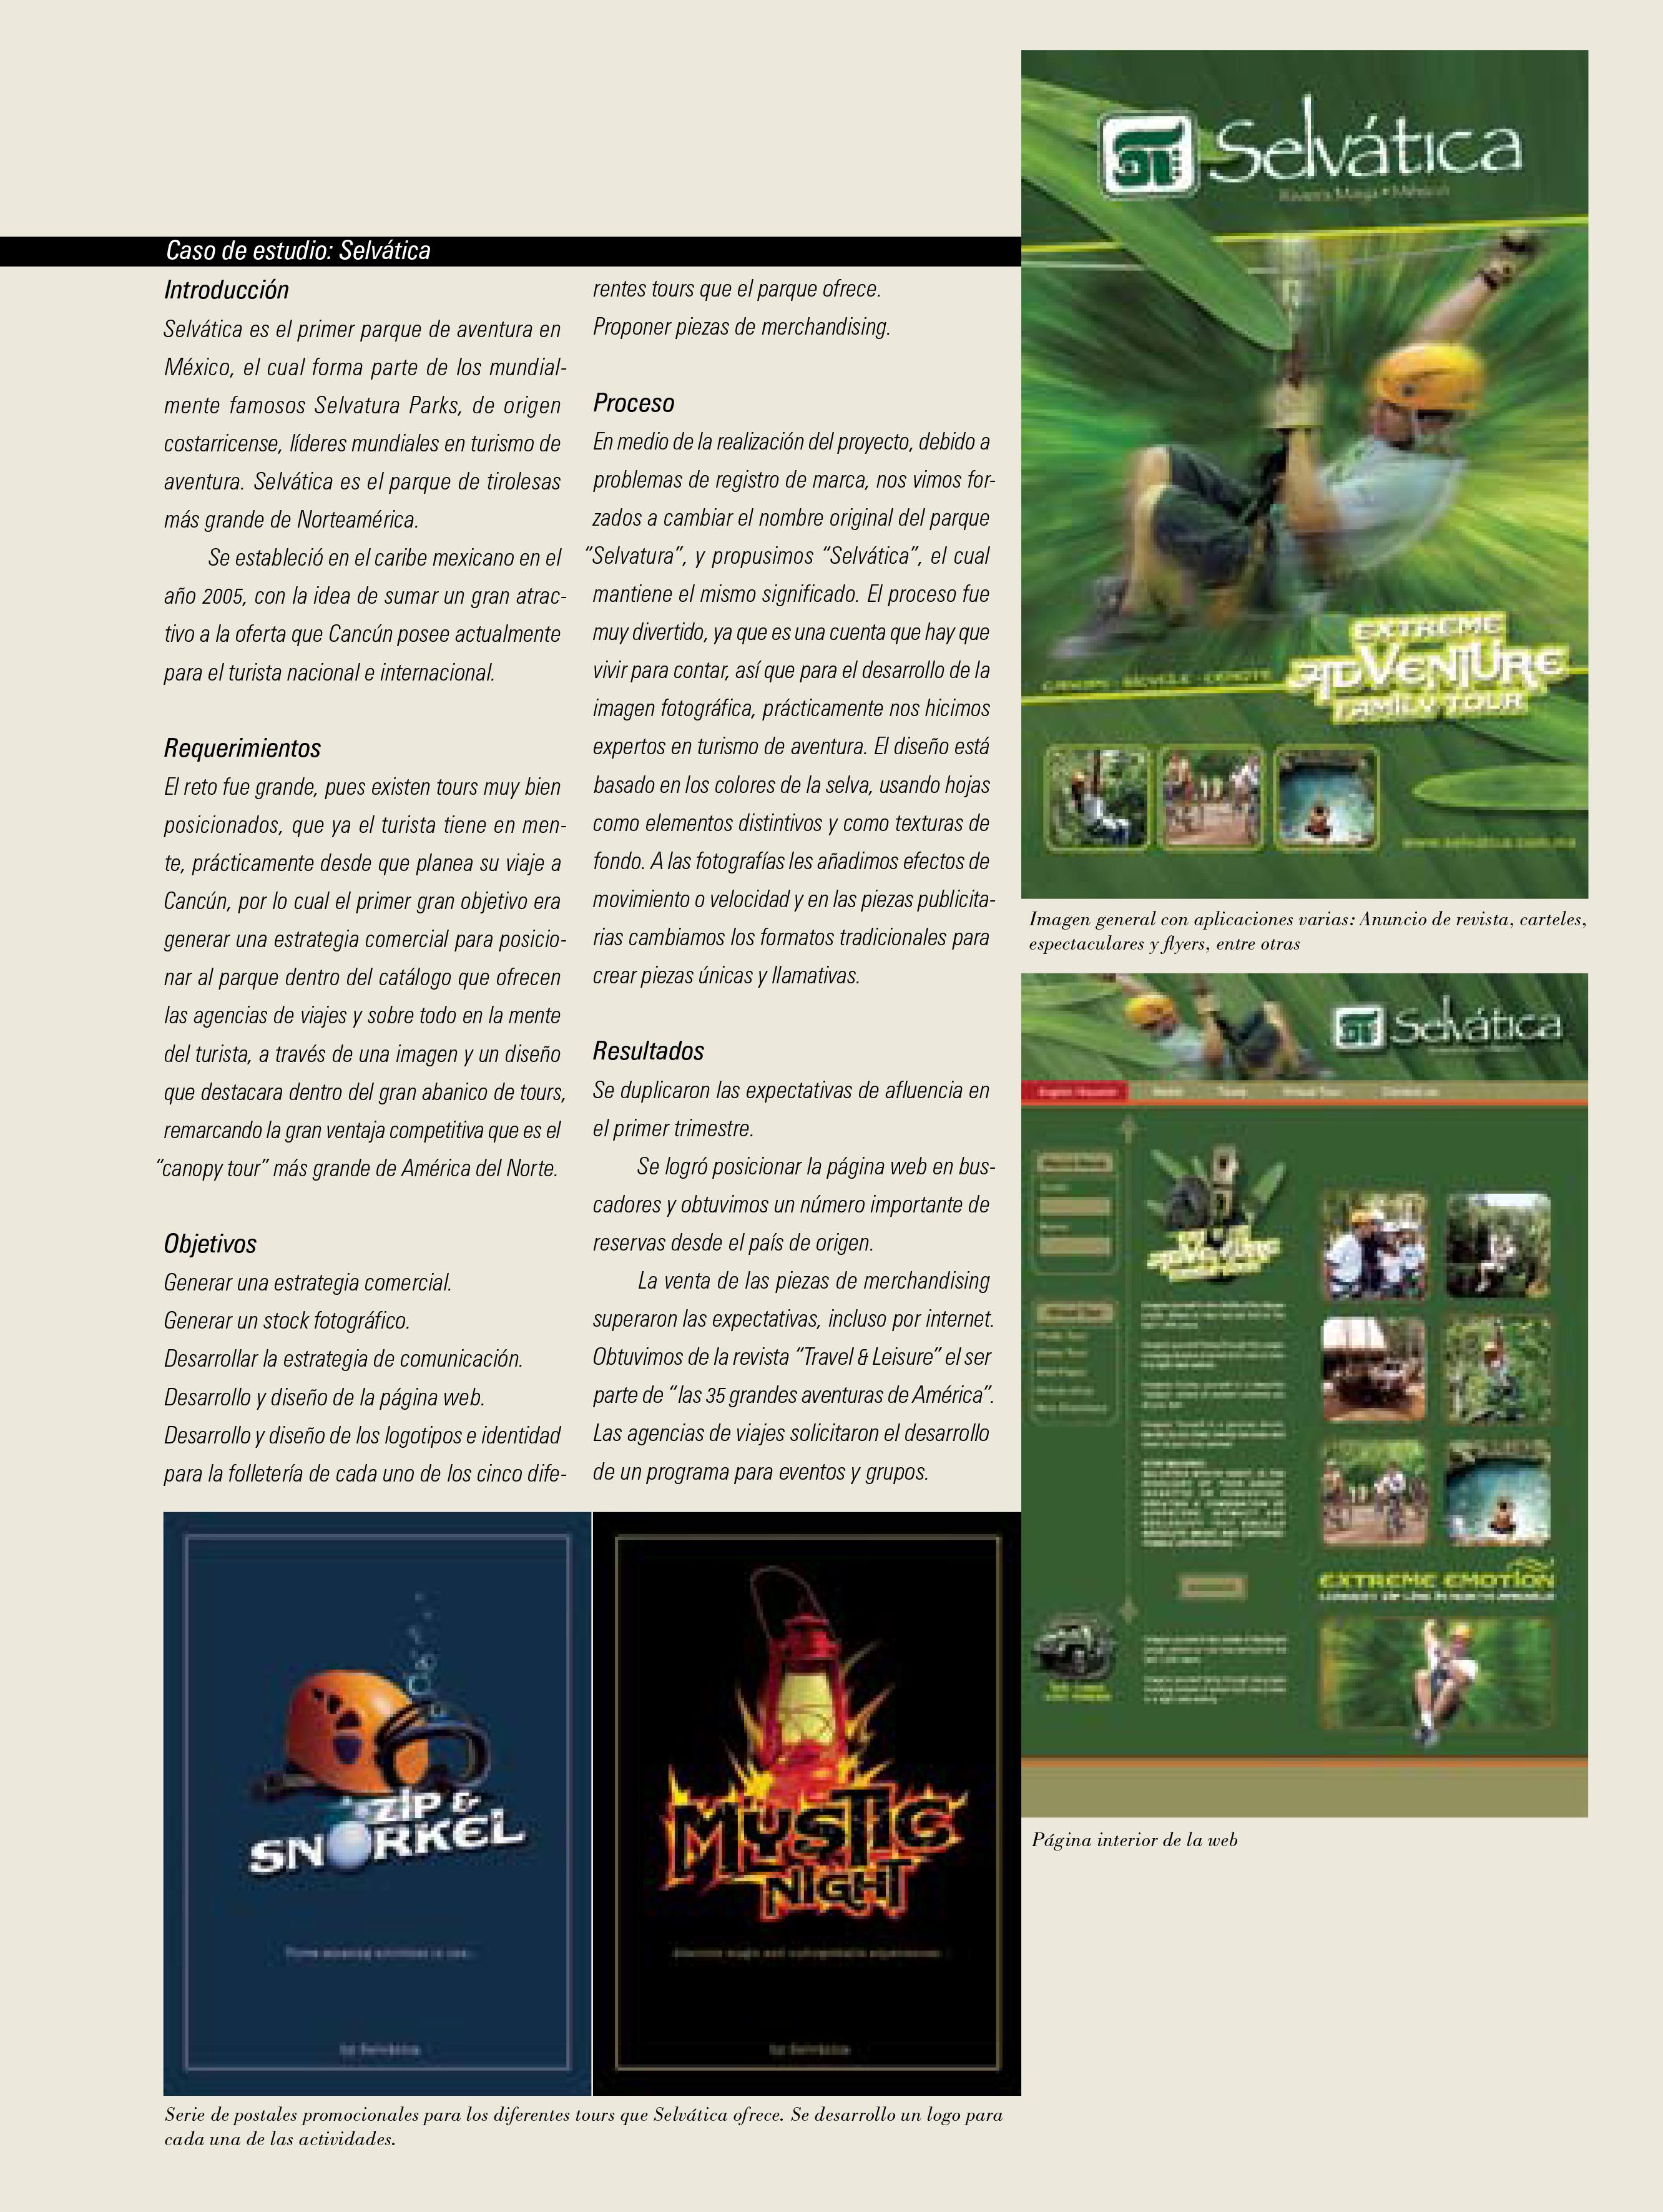 a! Diseño entrevista a Jorge Arechandieta 4